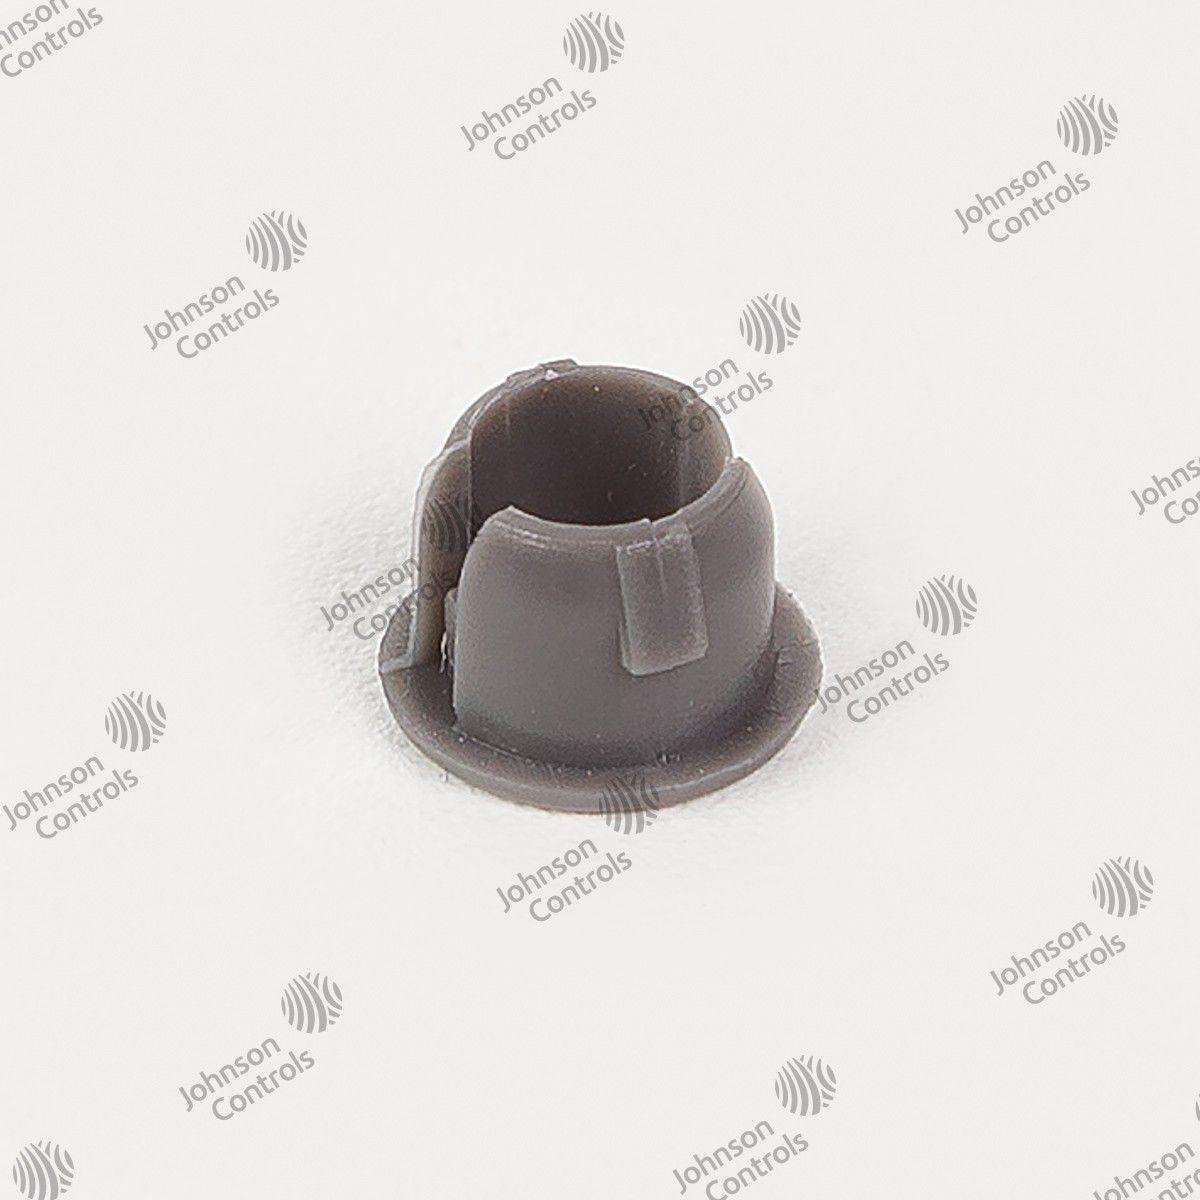 BUCHA DE BORRACHA - C0701SKM013